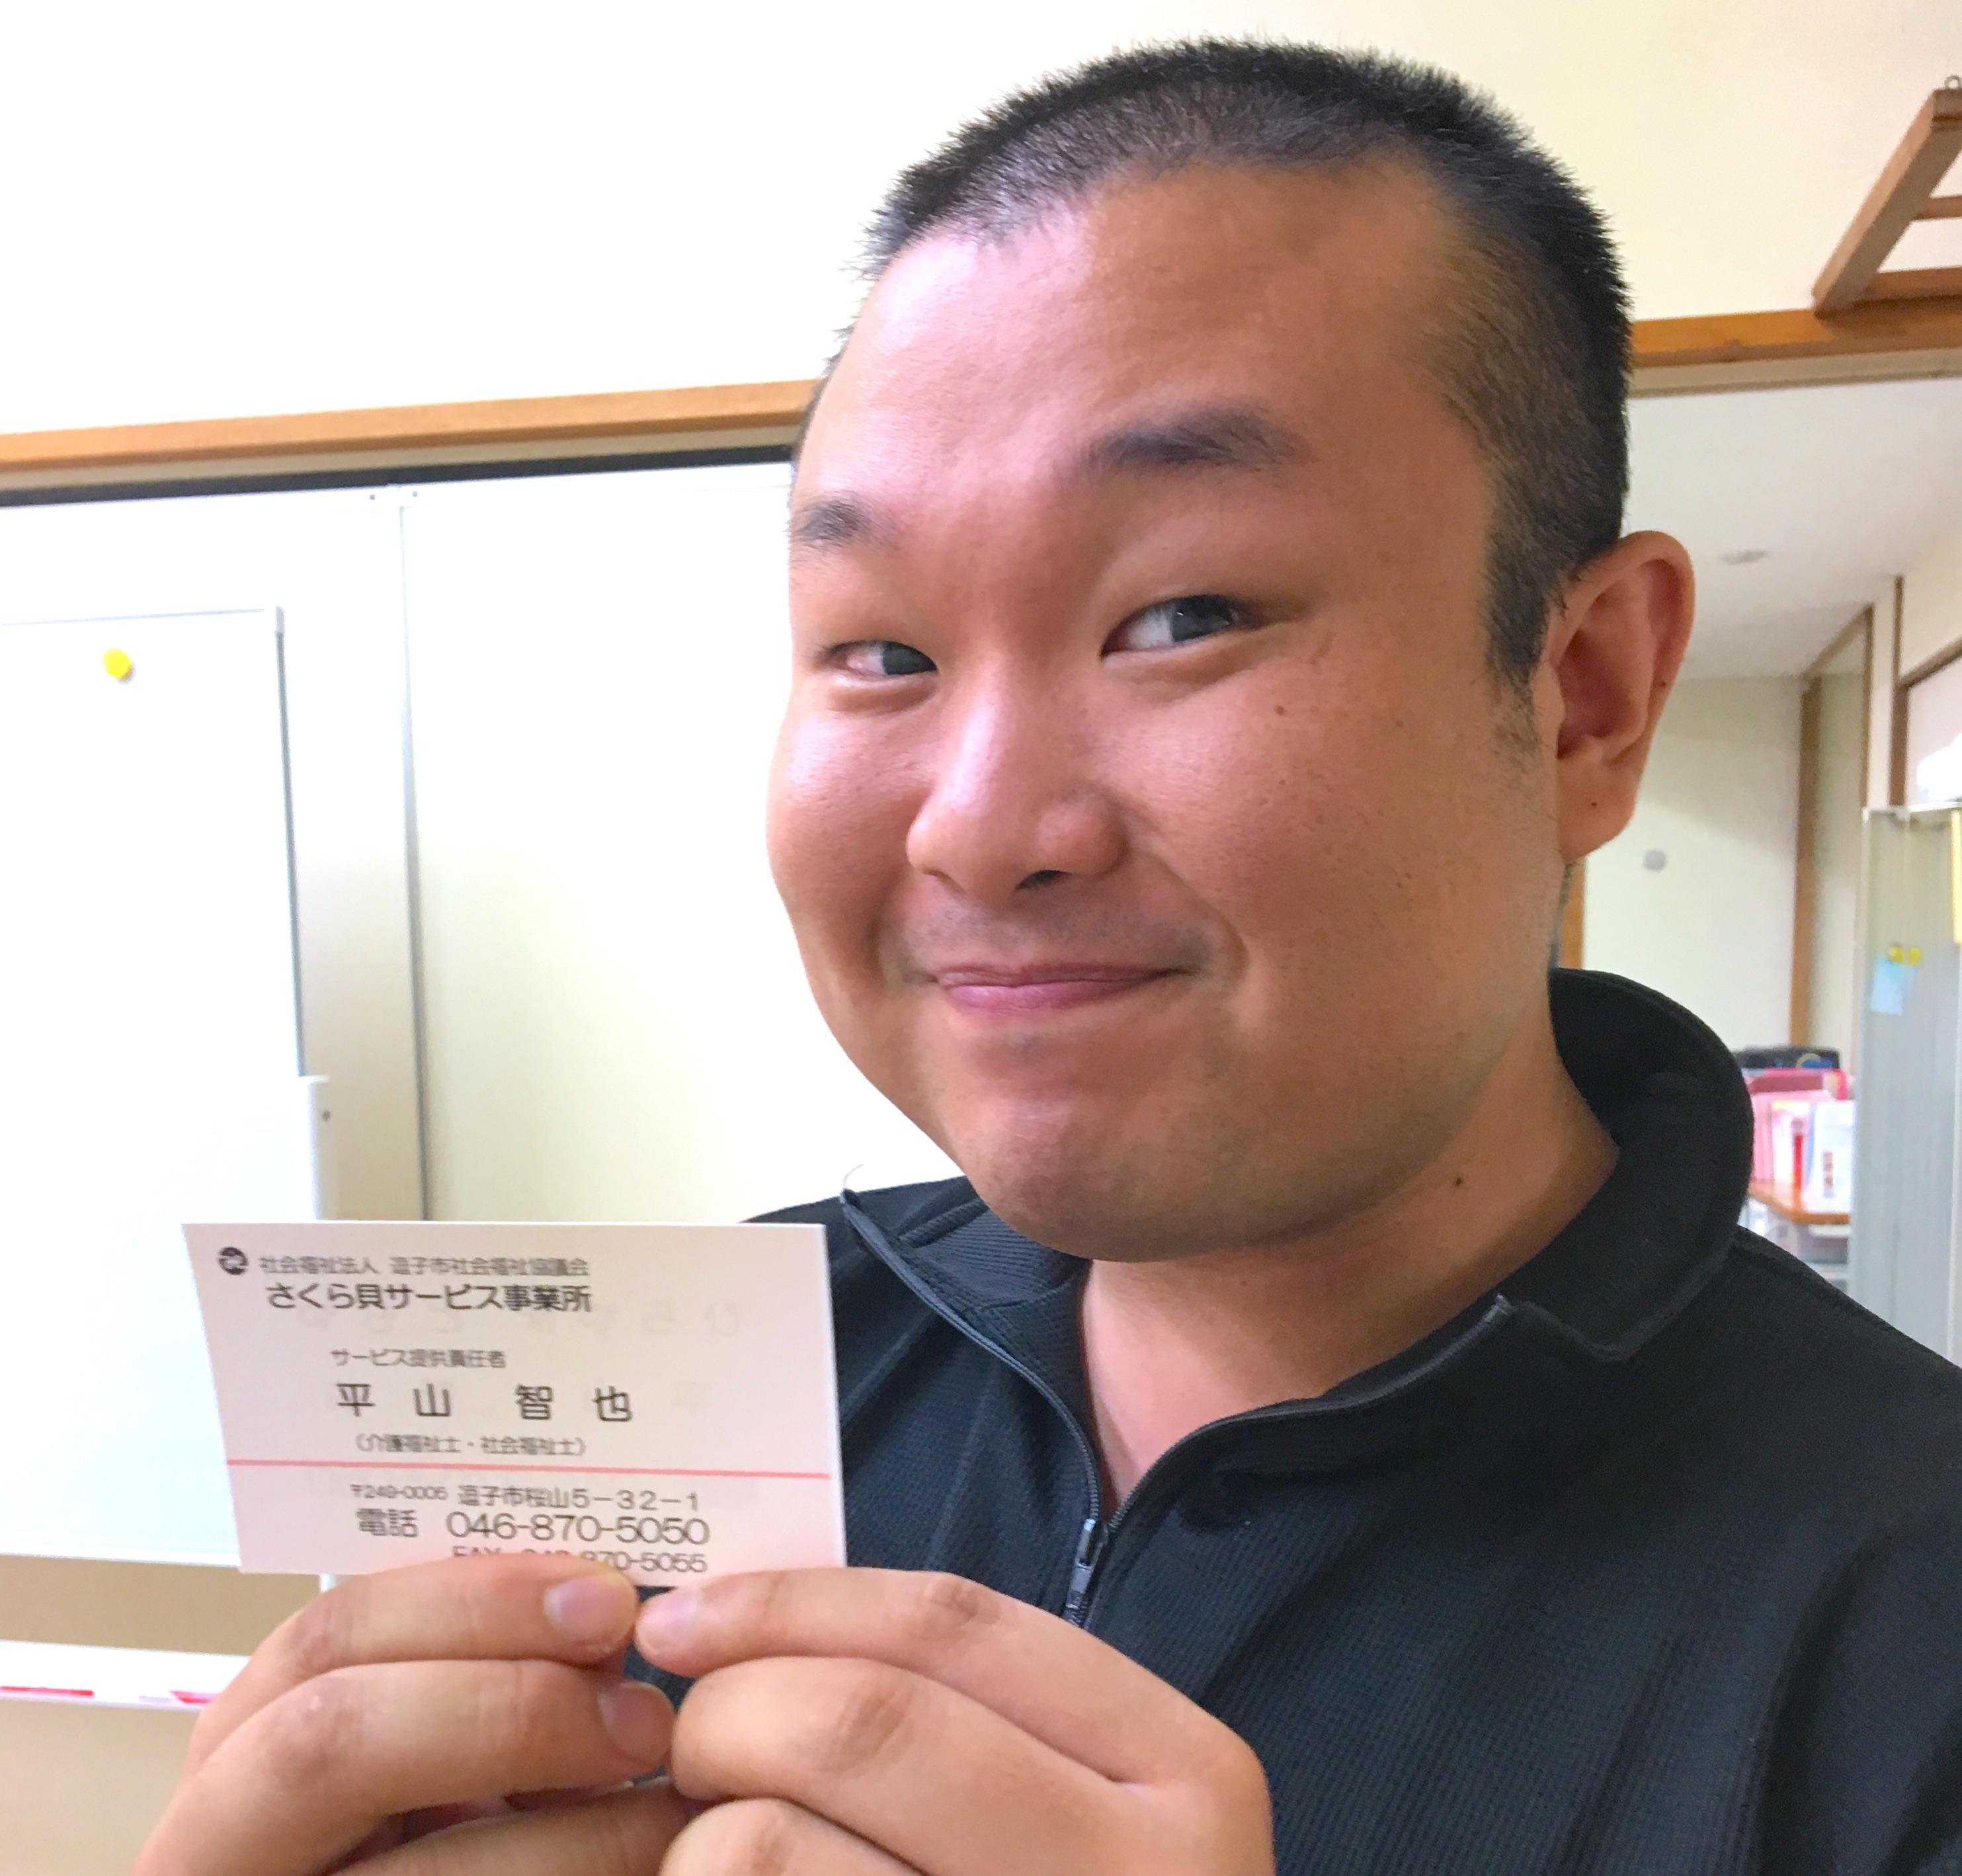 平山智也さんから「介護職員初任者研修」の案内あり〜Facebookページにポチッとな